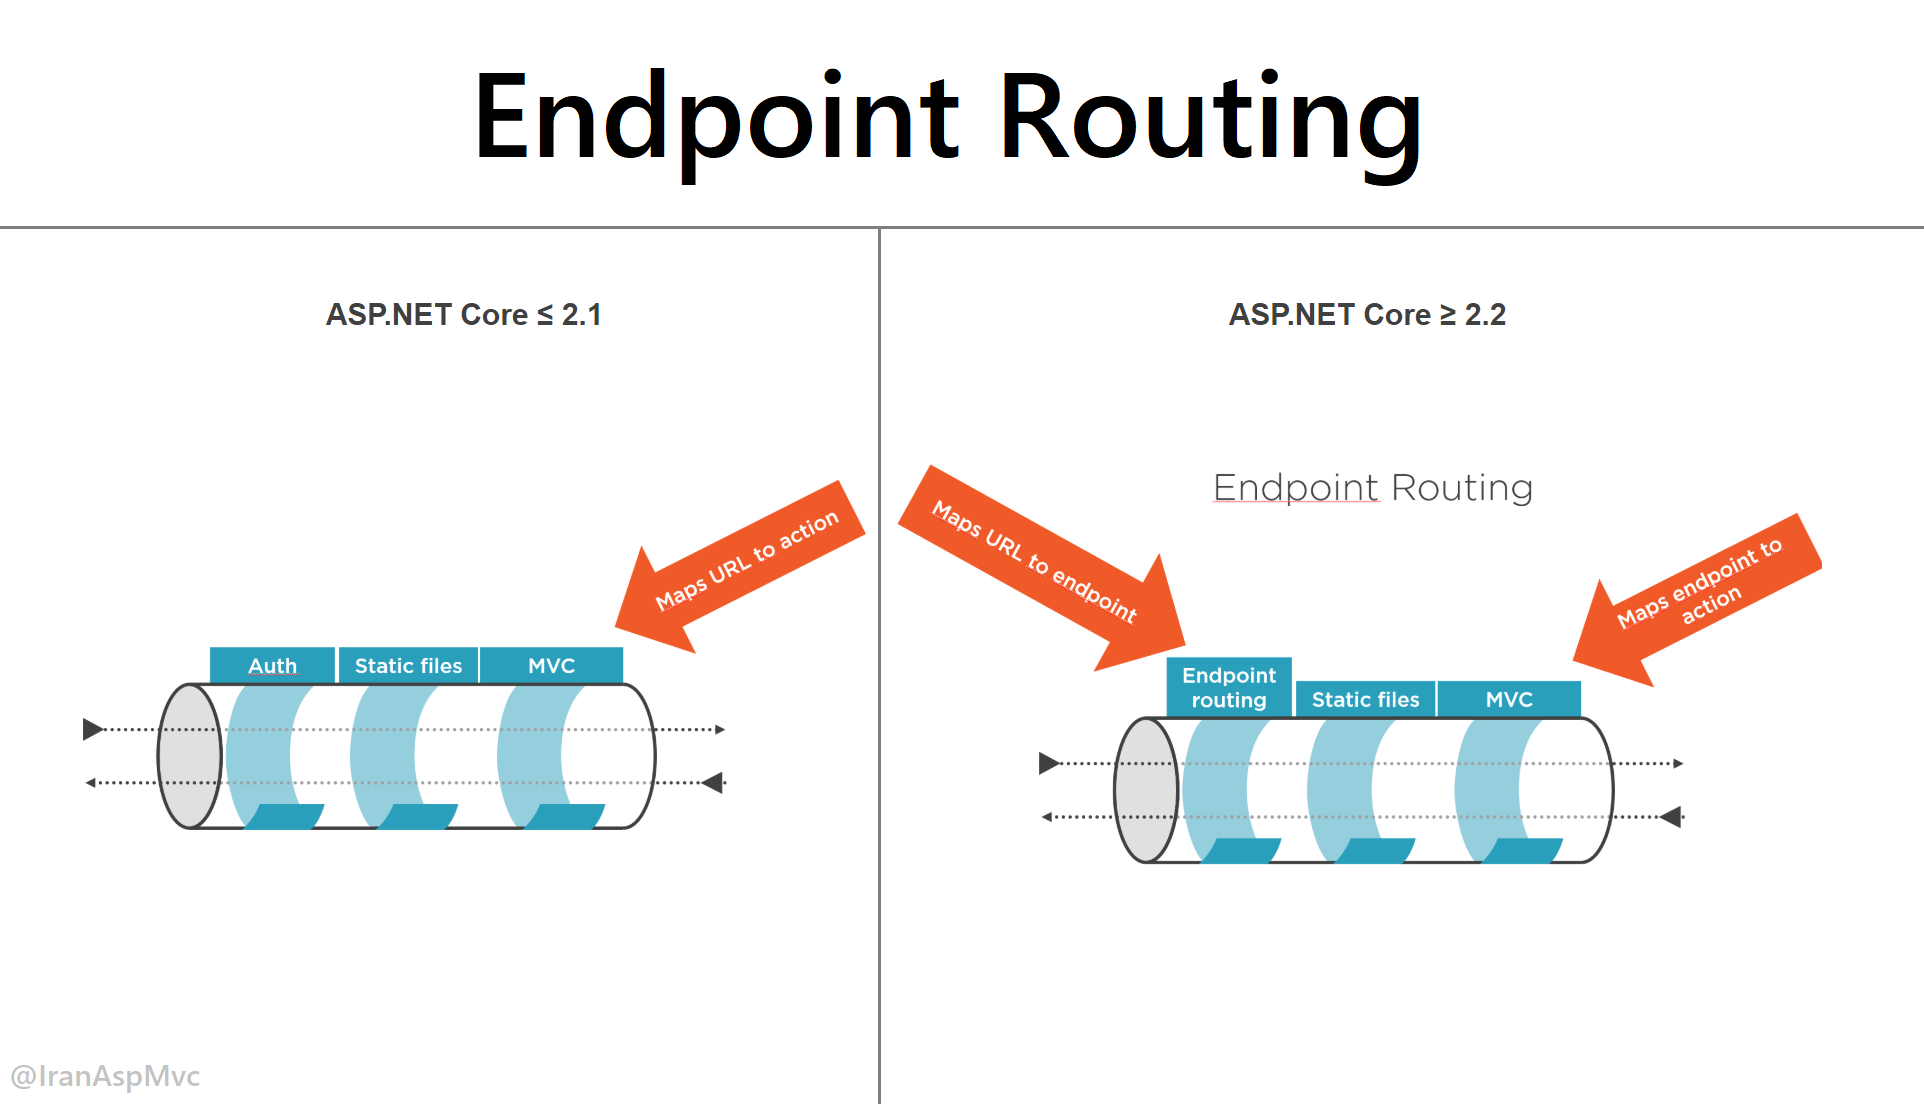 بررسی قابلیت Endpoint Routing در ASP.NET Core